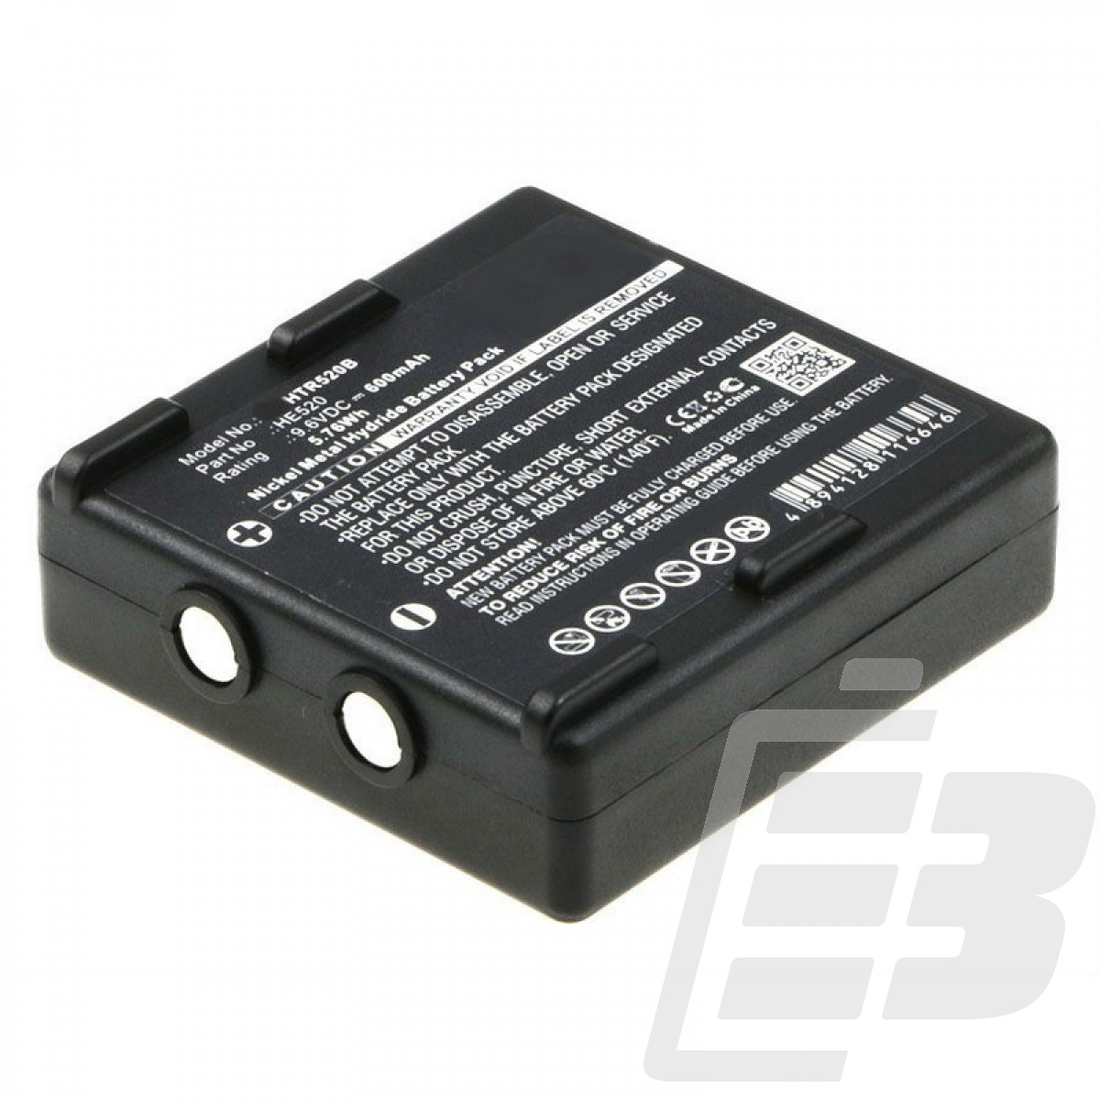 Crane remote control battery Hetronic Nova Ergo_1